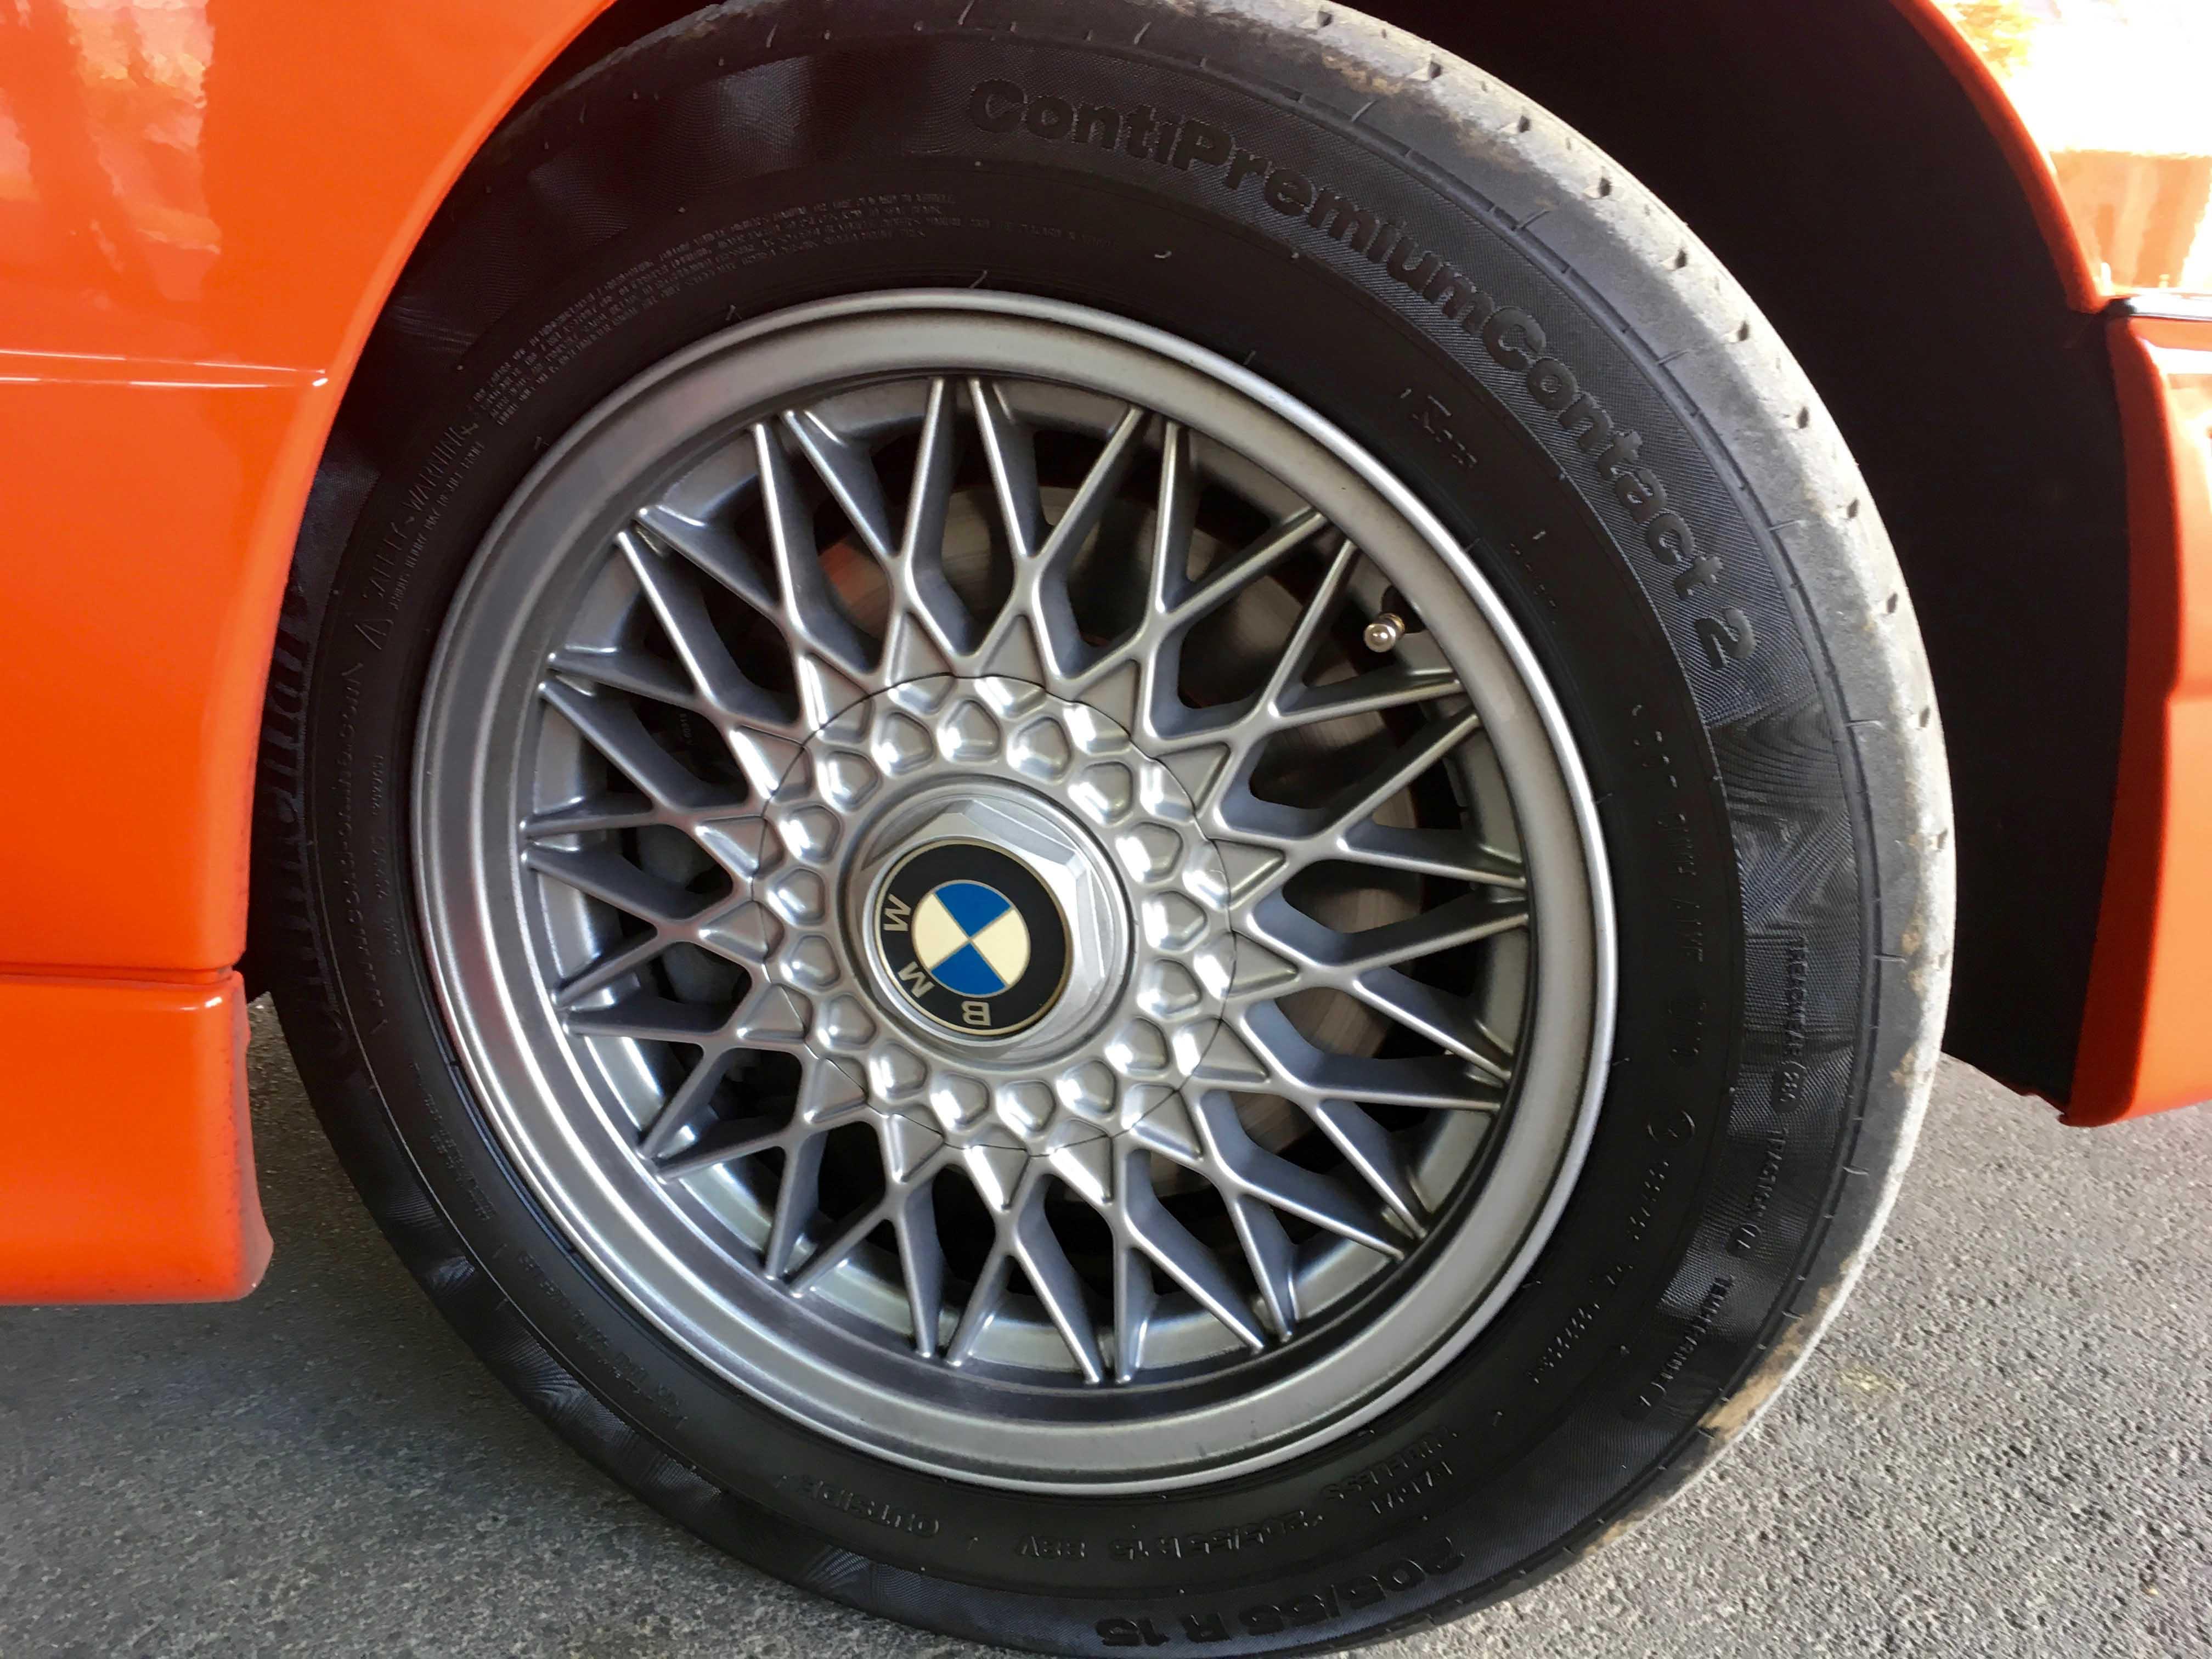 1987 BMW M3 Wheel